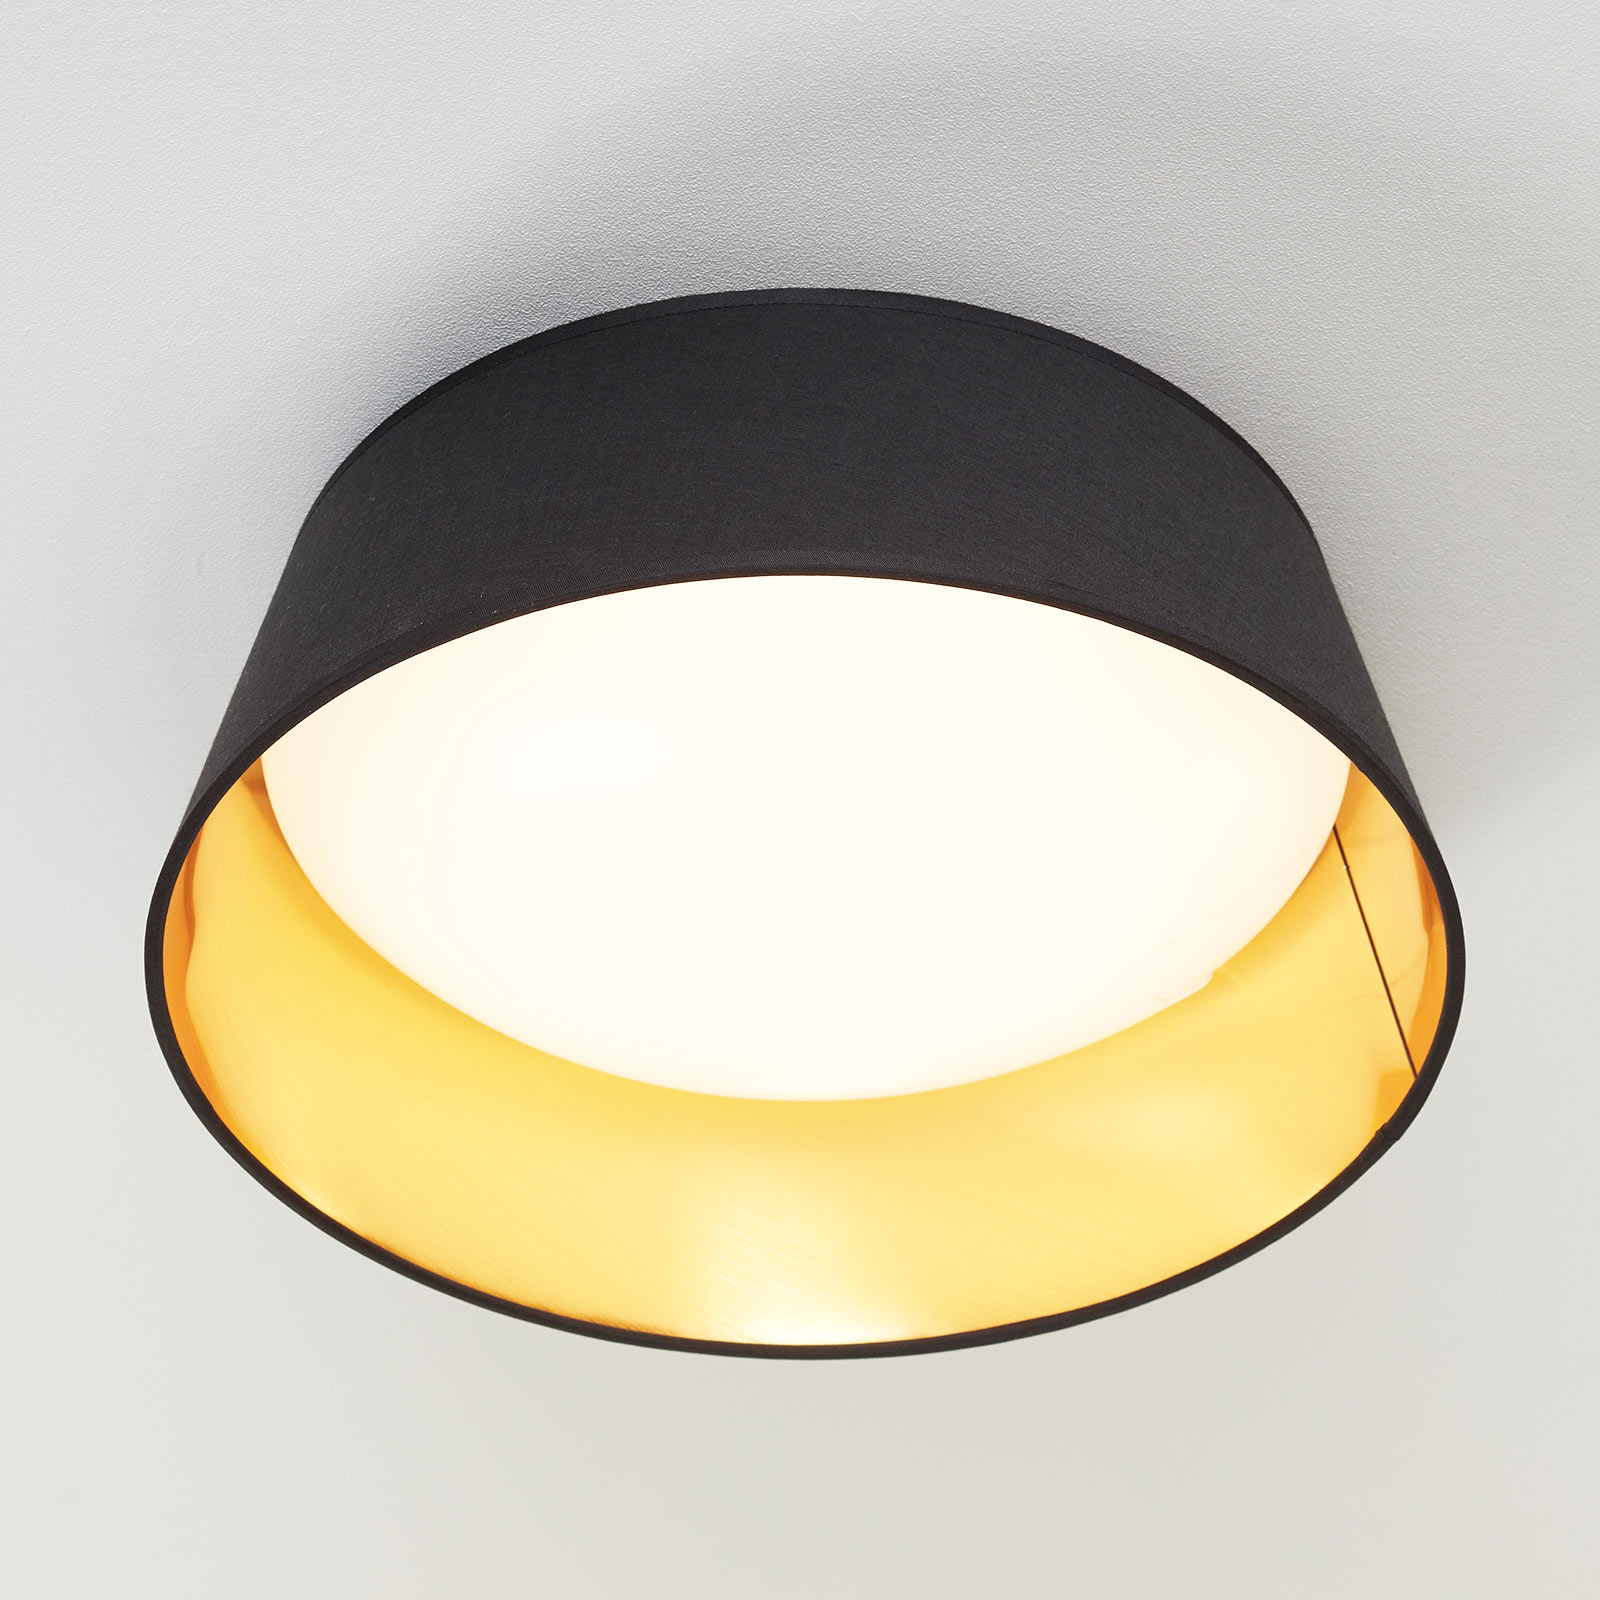 Czarno-złota, tekstylna lampa sufitowa Ponts z LED